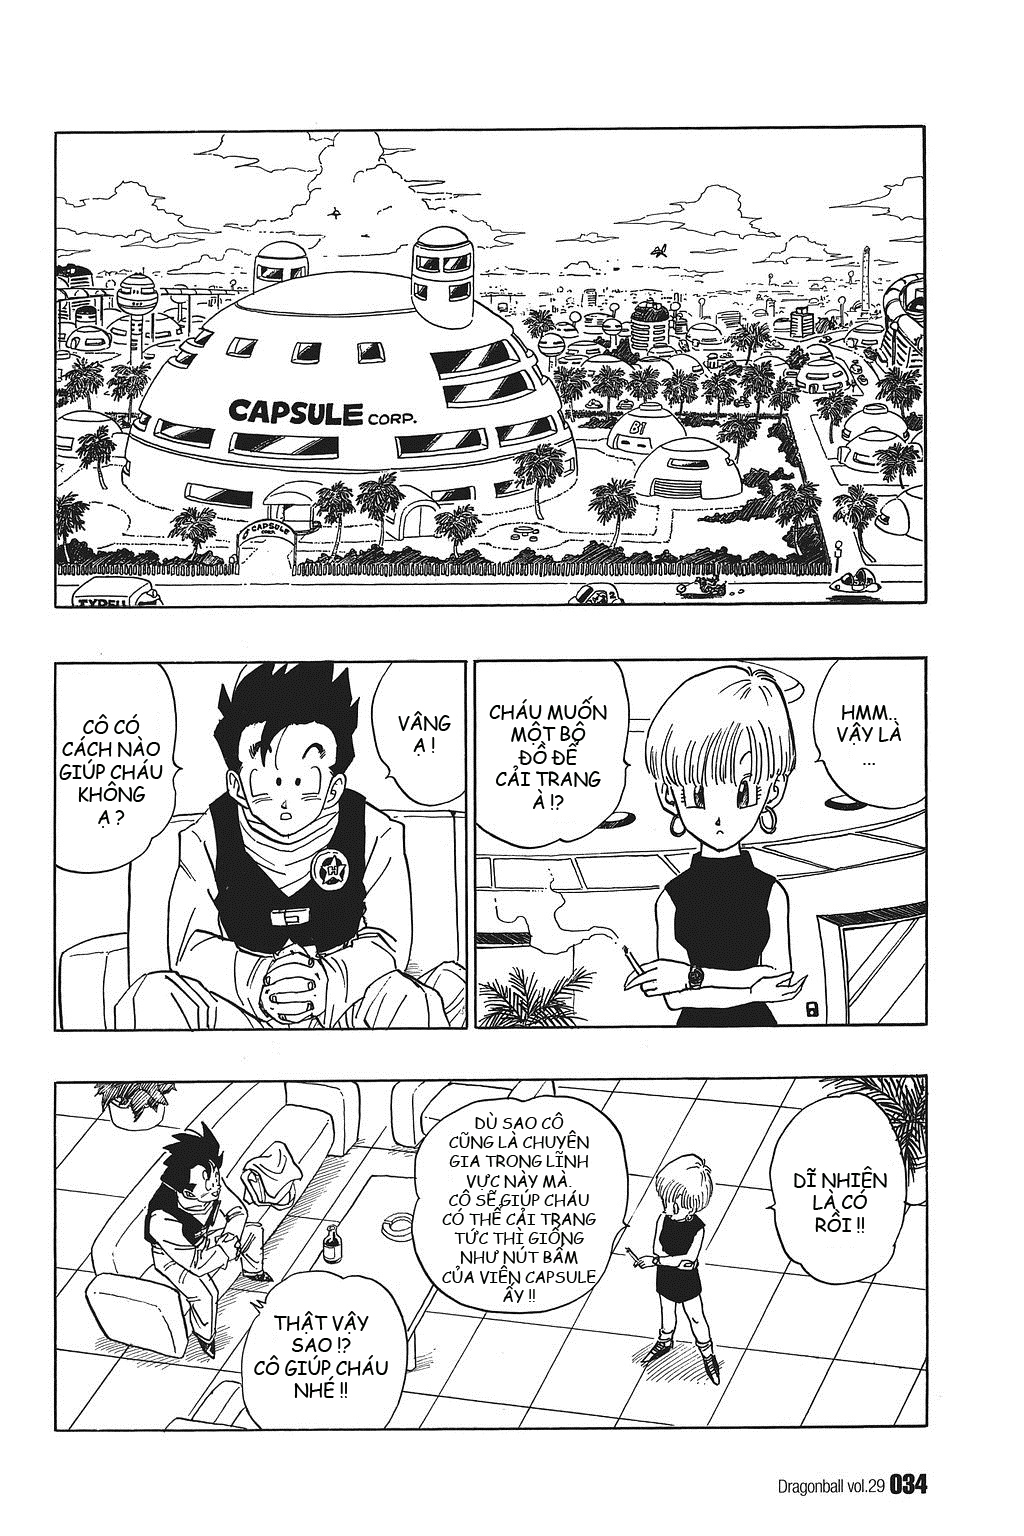 xem truyen moi - Dragon Ball Bản Vip - Bản Đẹp Nguyên Gốc Chap 423